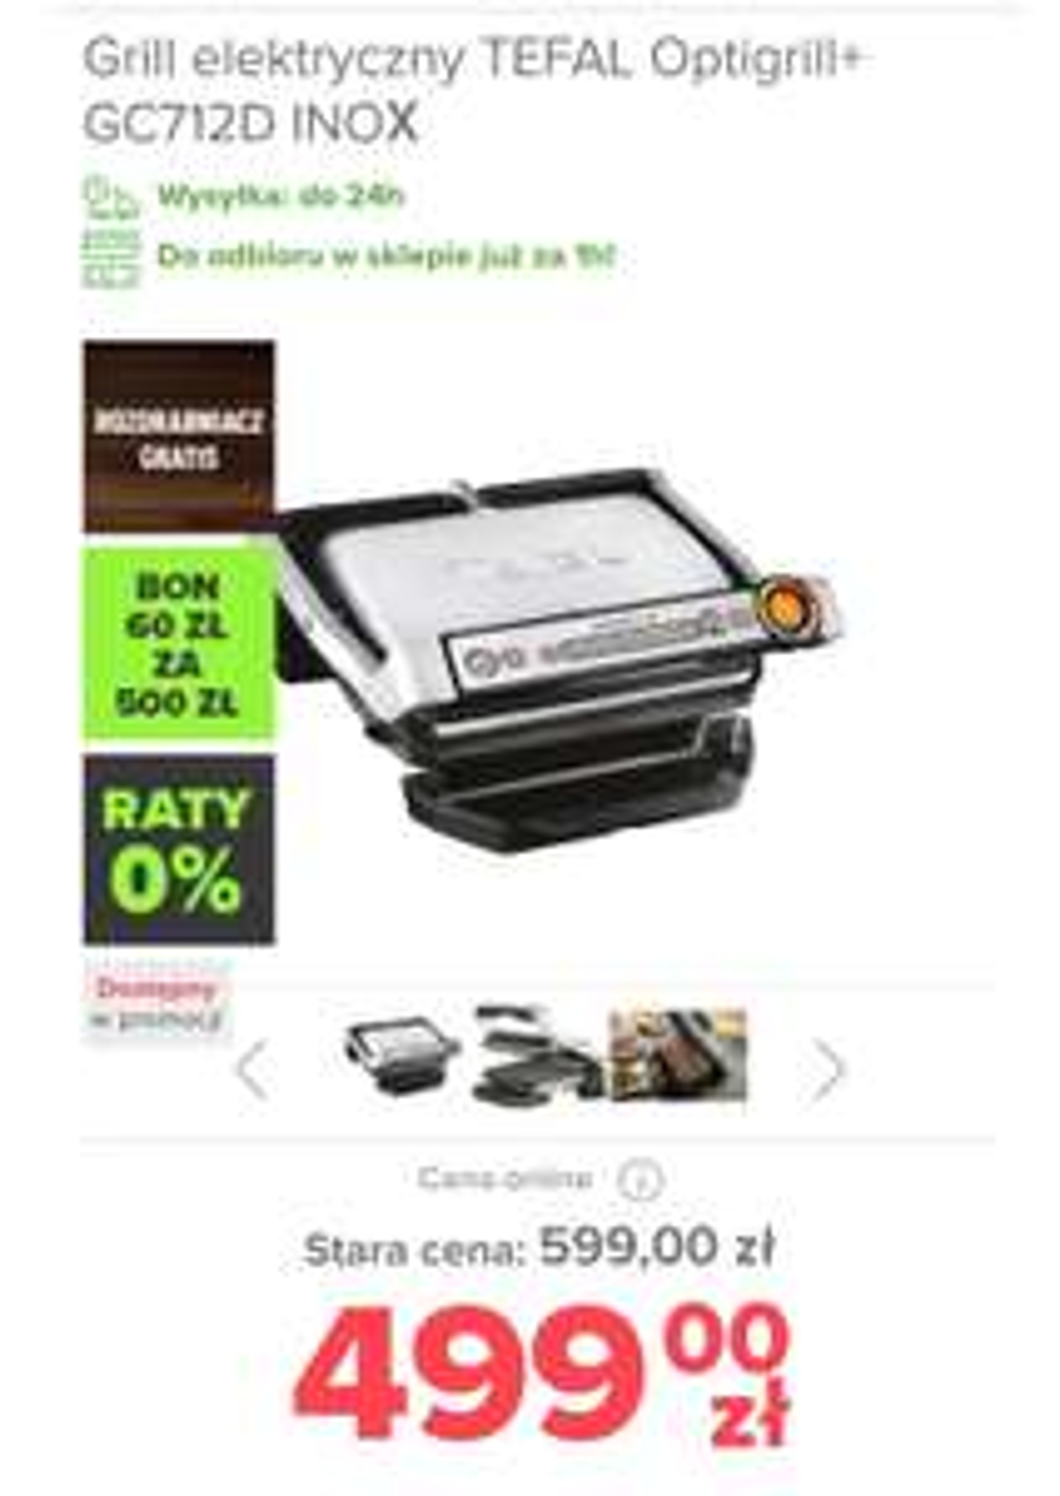 Grill elektryczny TEFAL Optigrill+ GC712D INOX możliwy bon 60zł